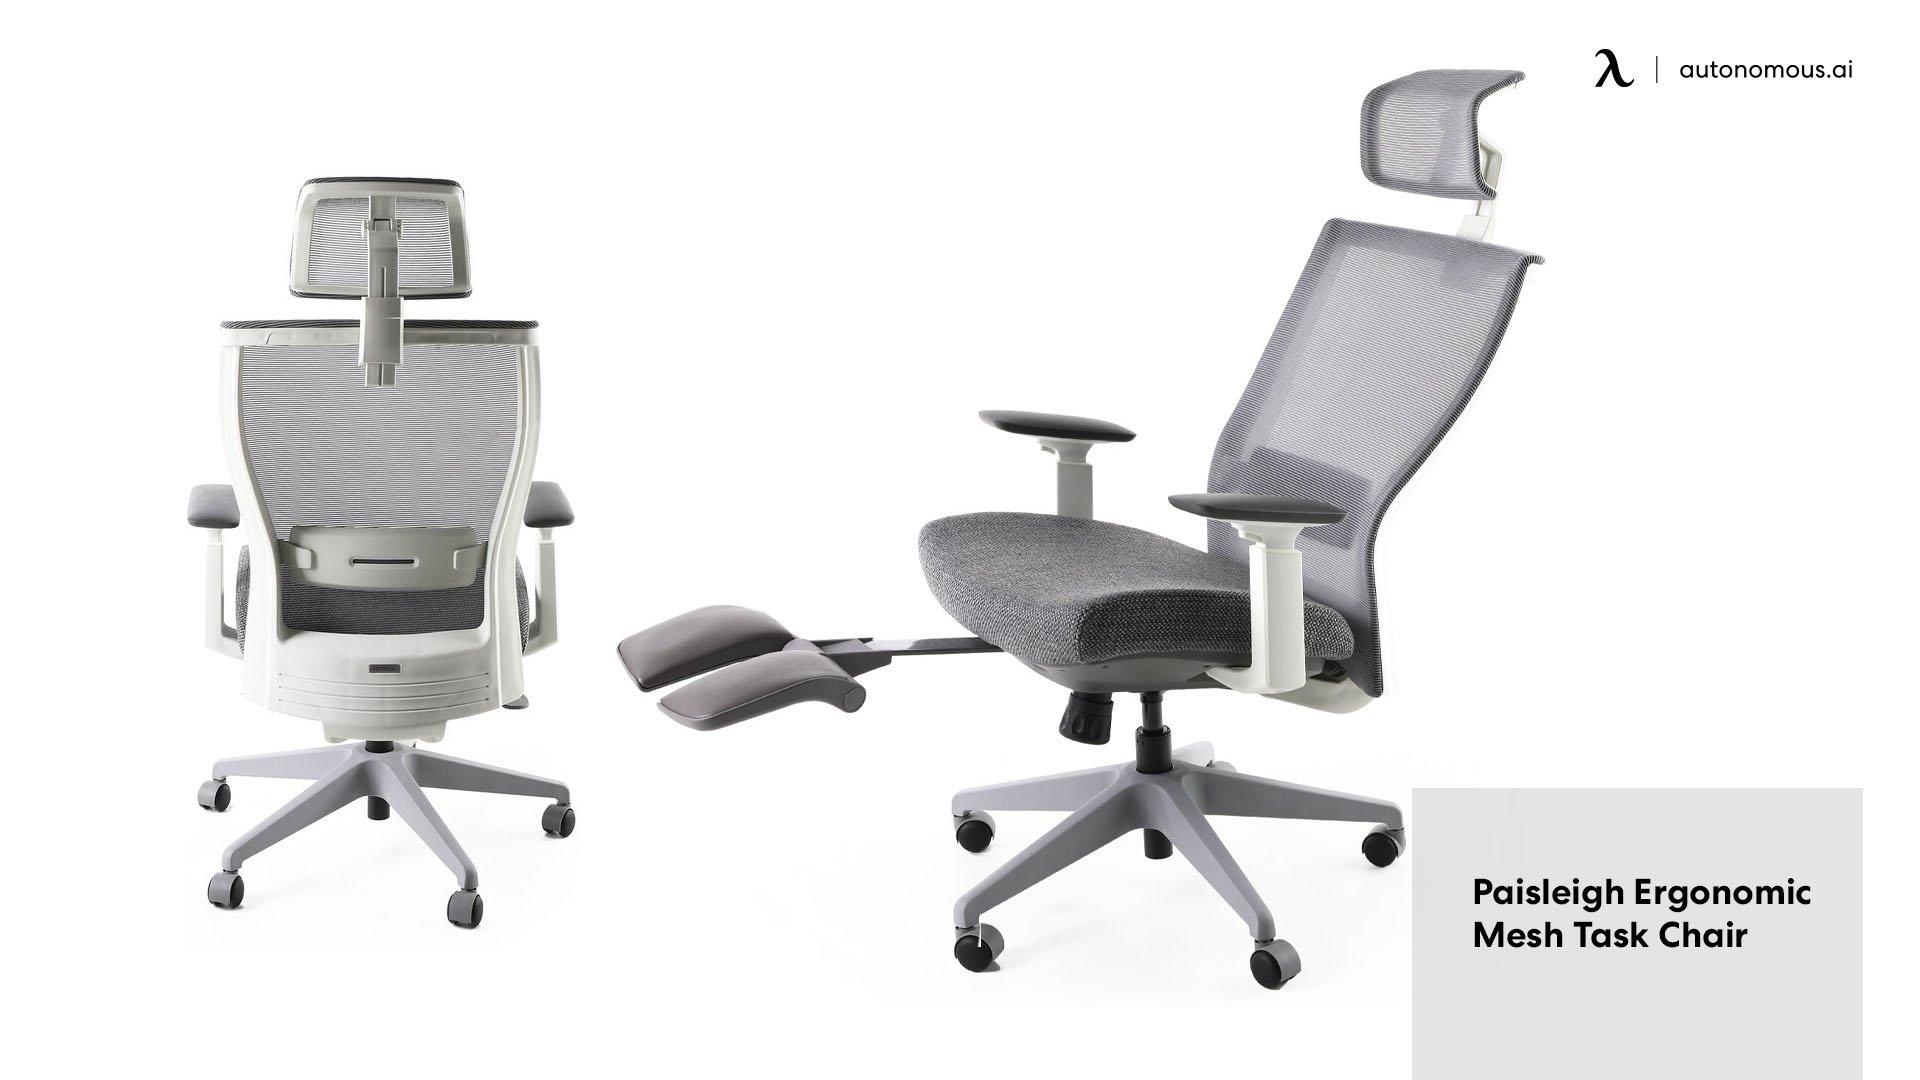 Paisleigh Ergonomic Mesh Task Chair